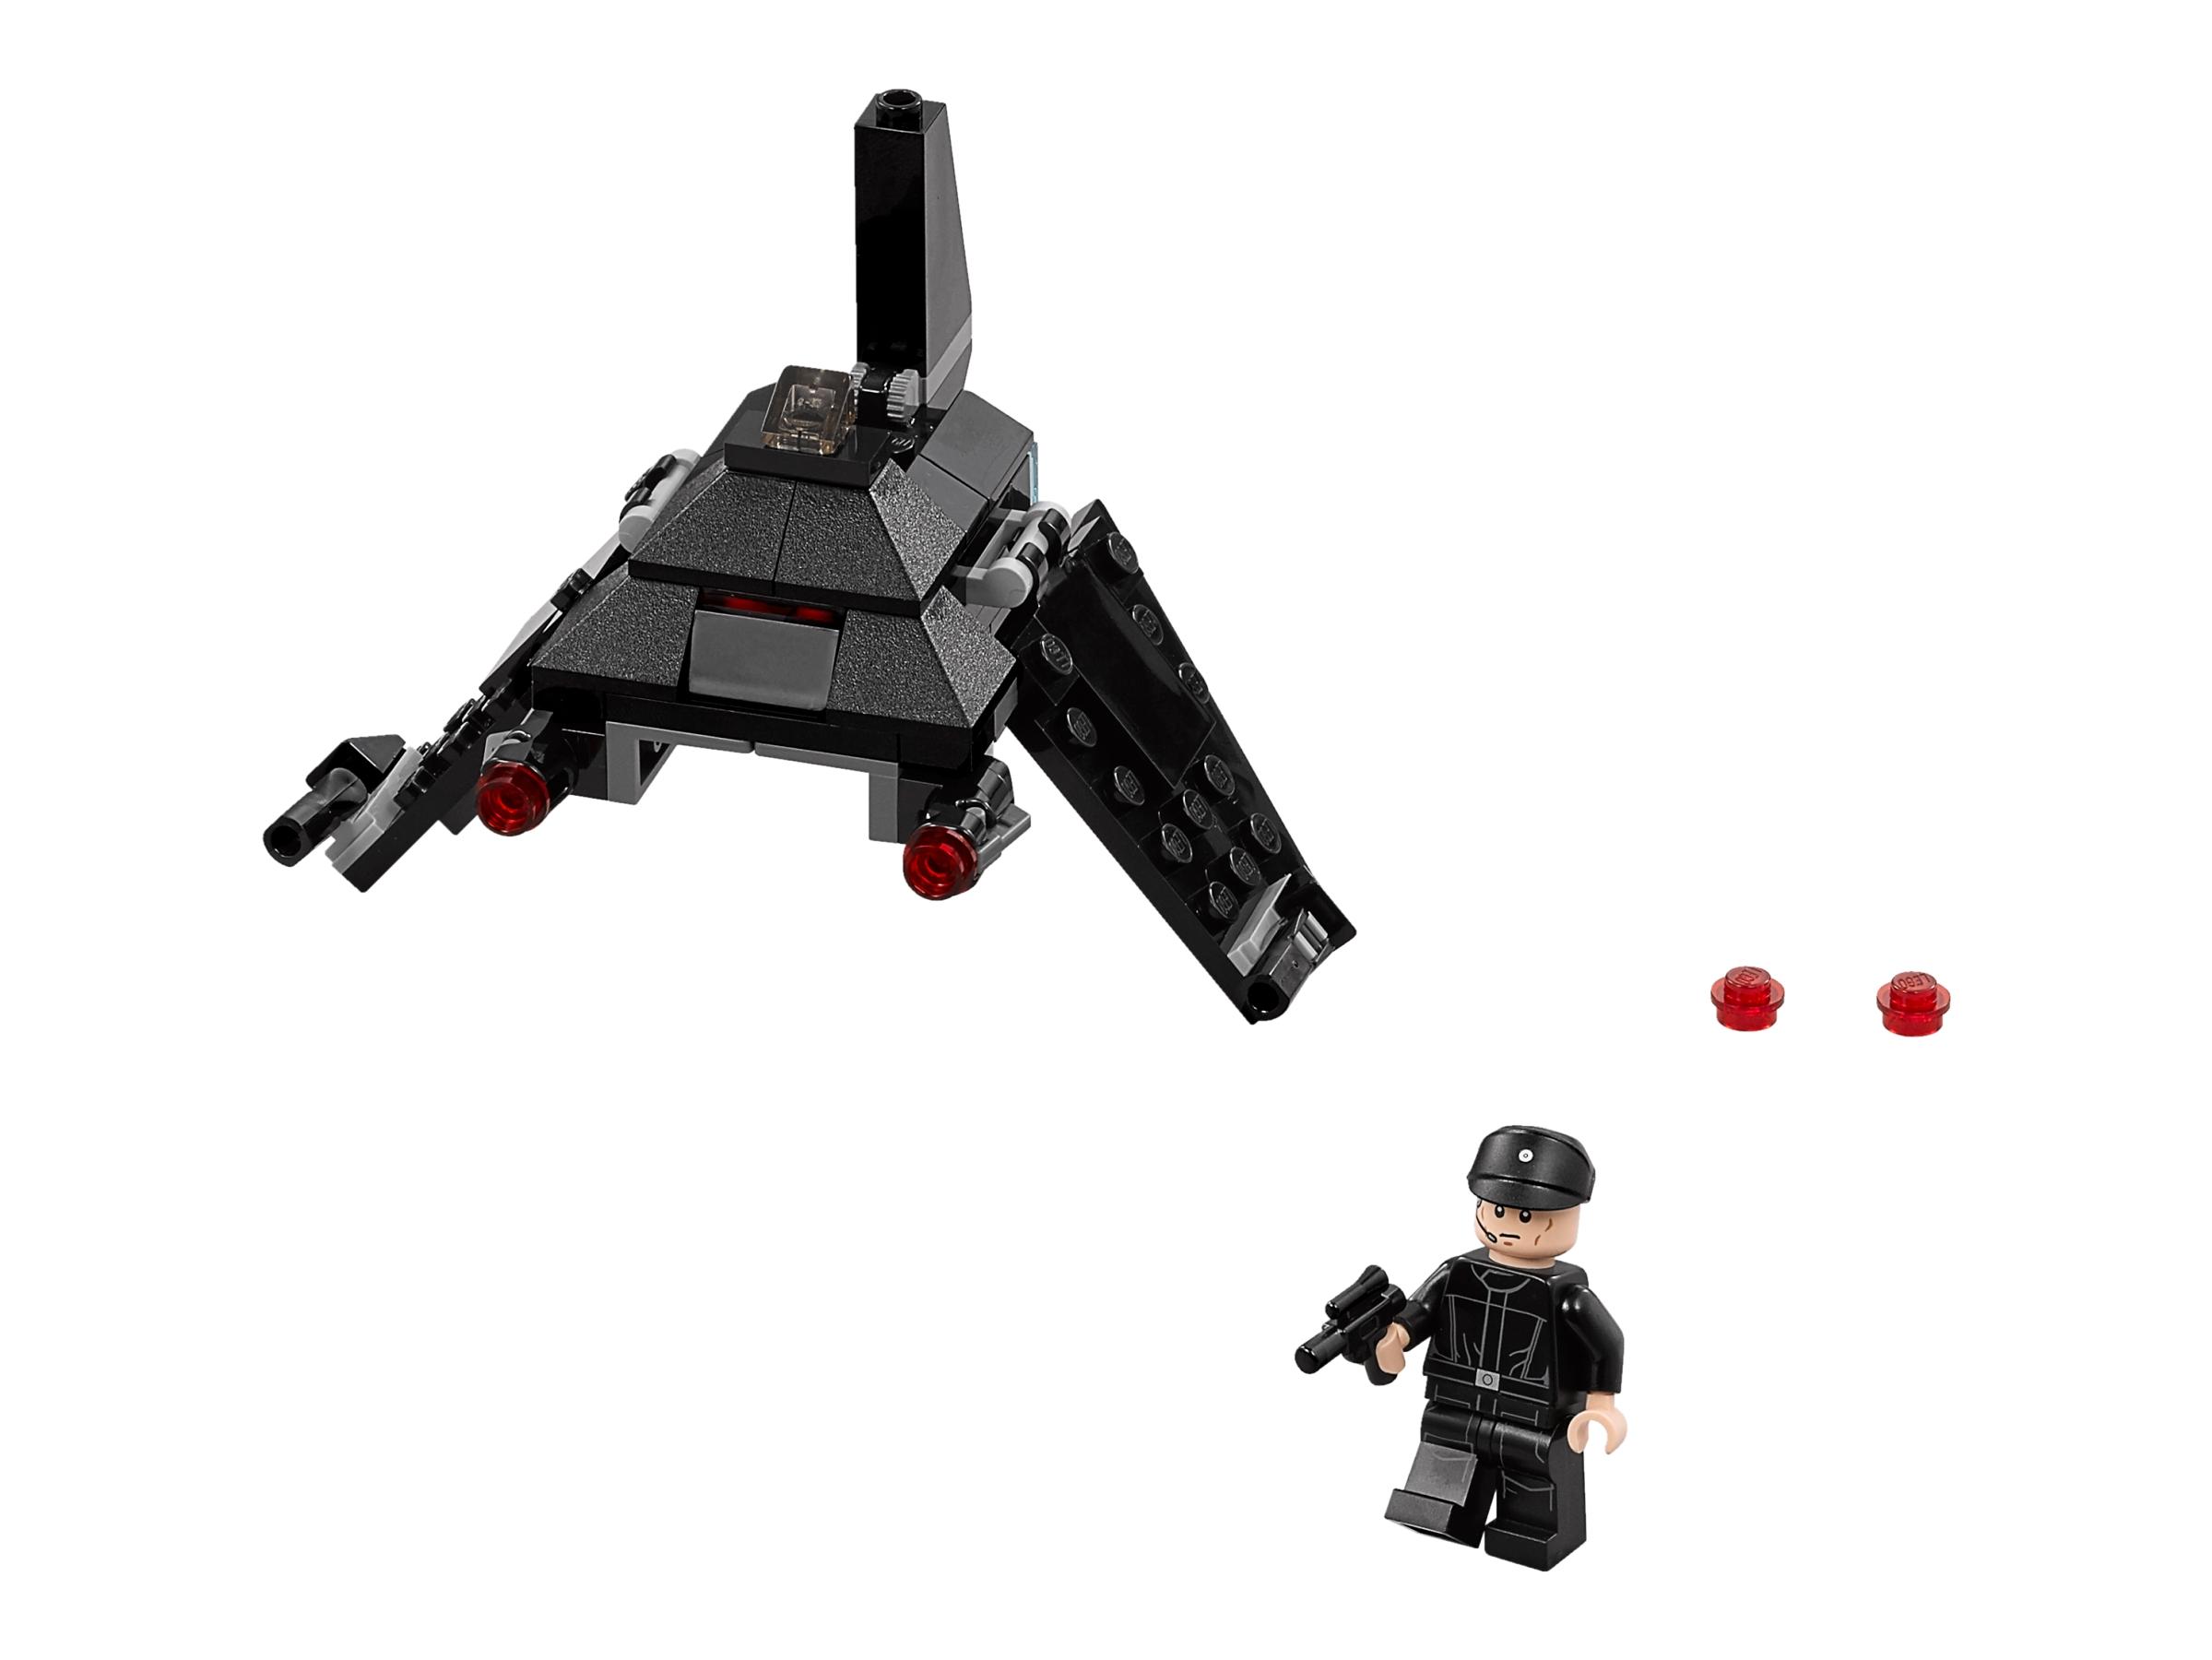 lego krennics imperial shuttle microfighter 75163